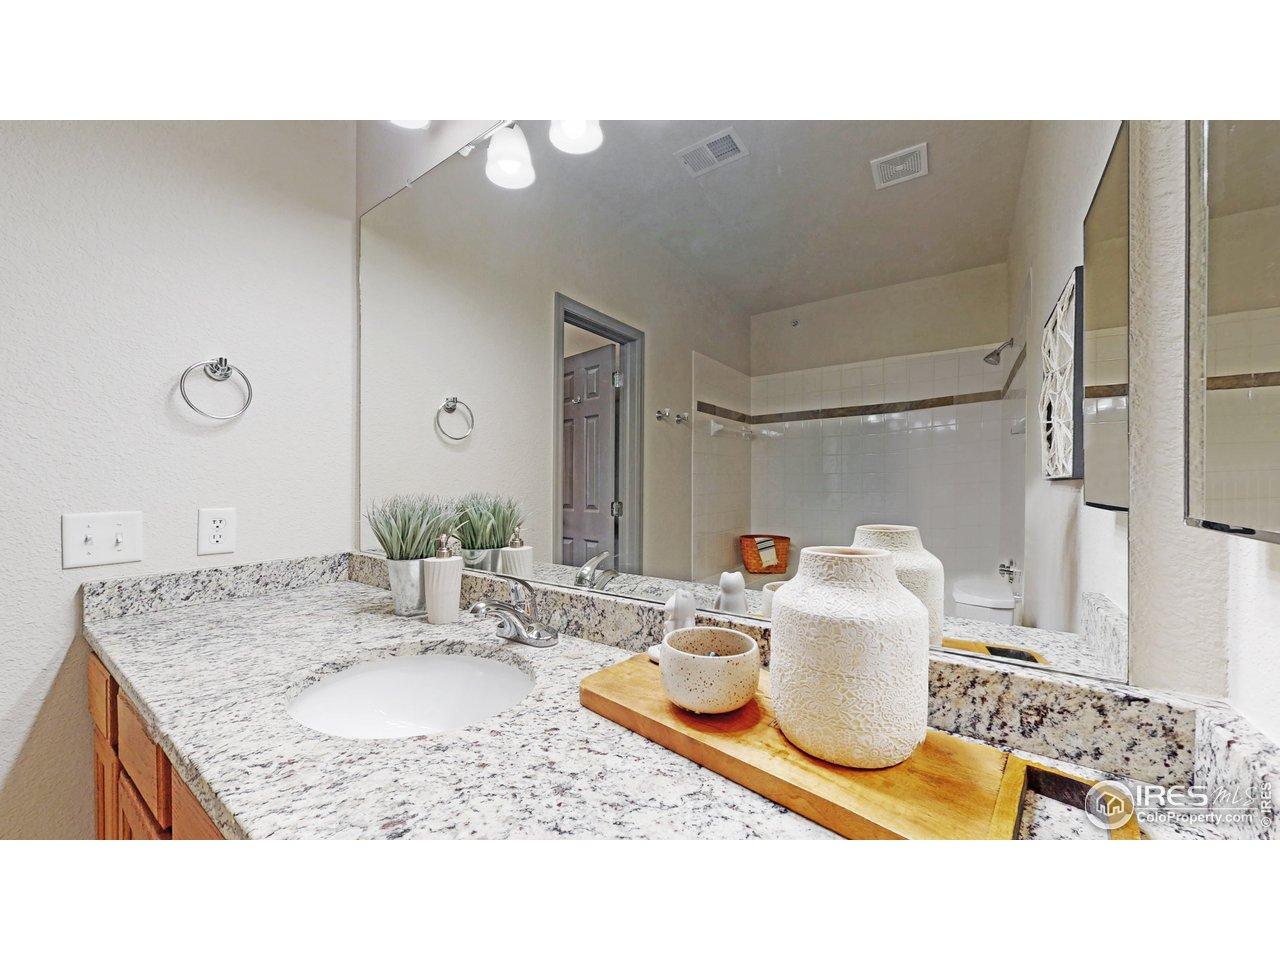 Granite countertop in master bath